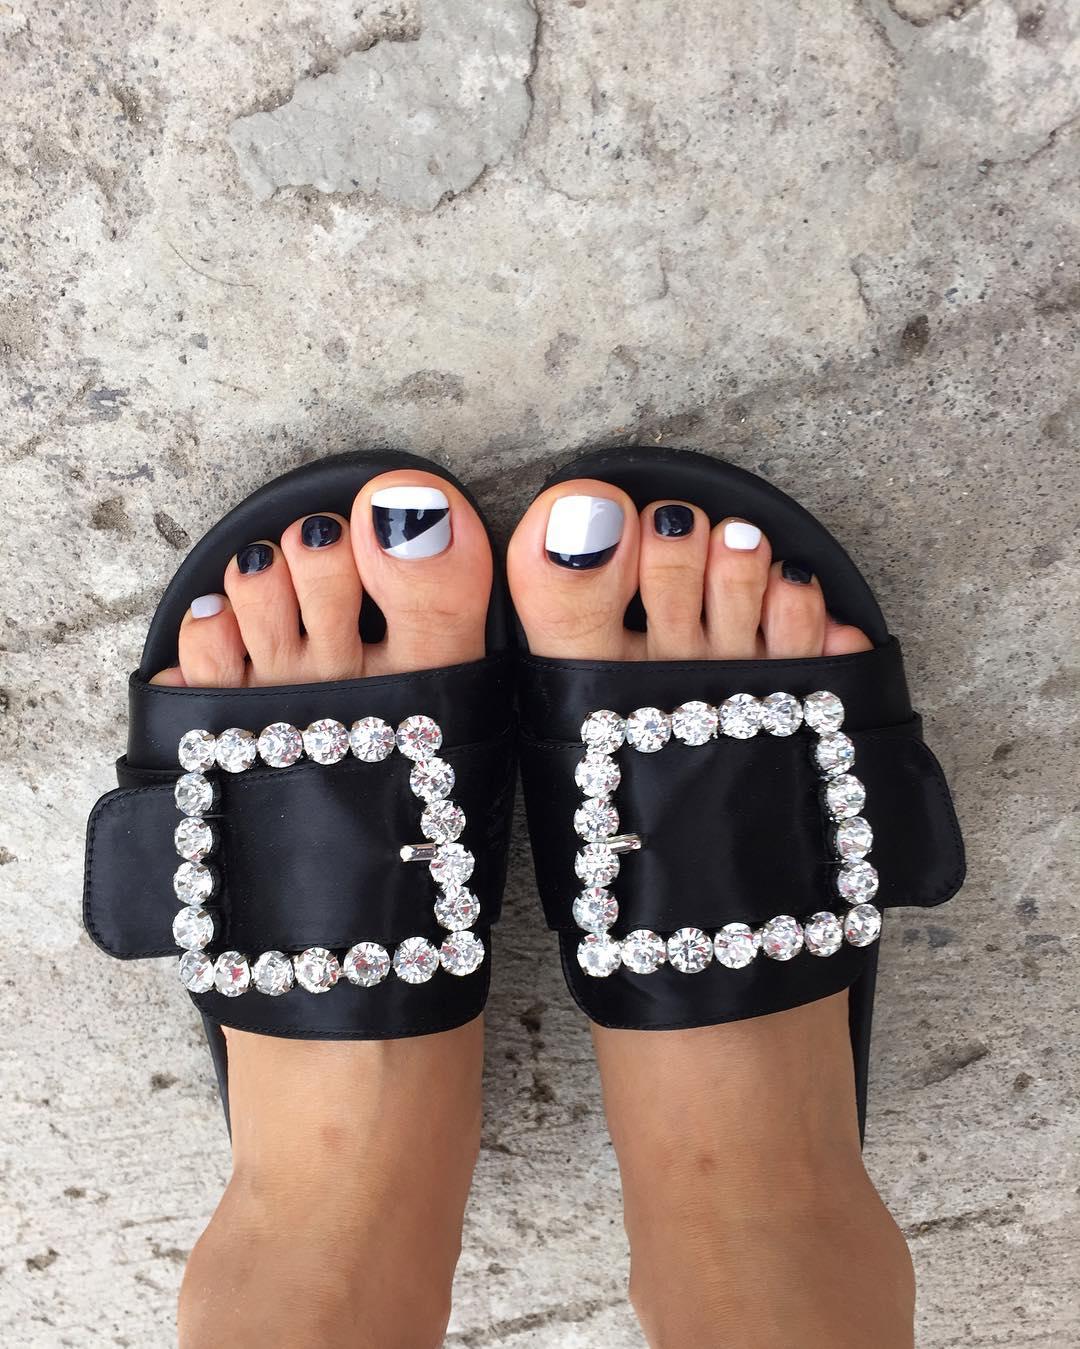 Ногти на лето на ногах 2017-2018 новинки